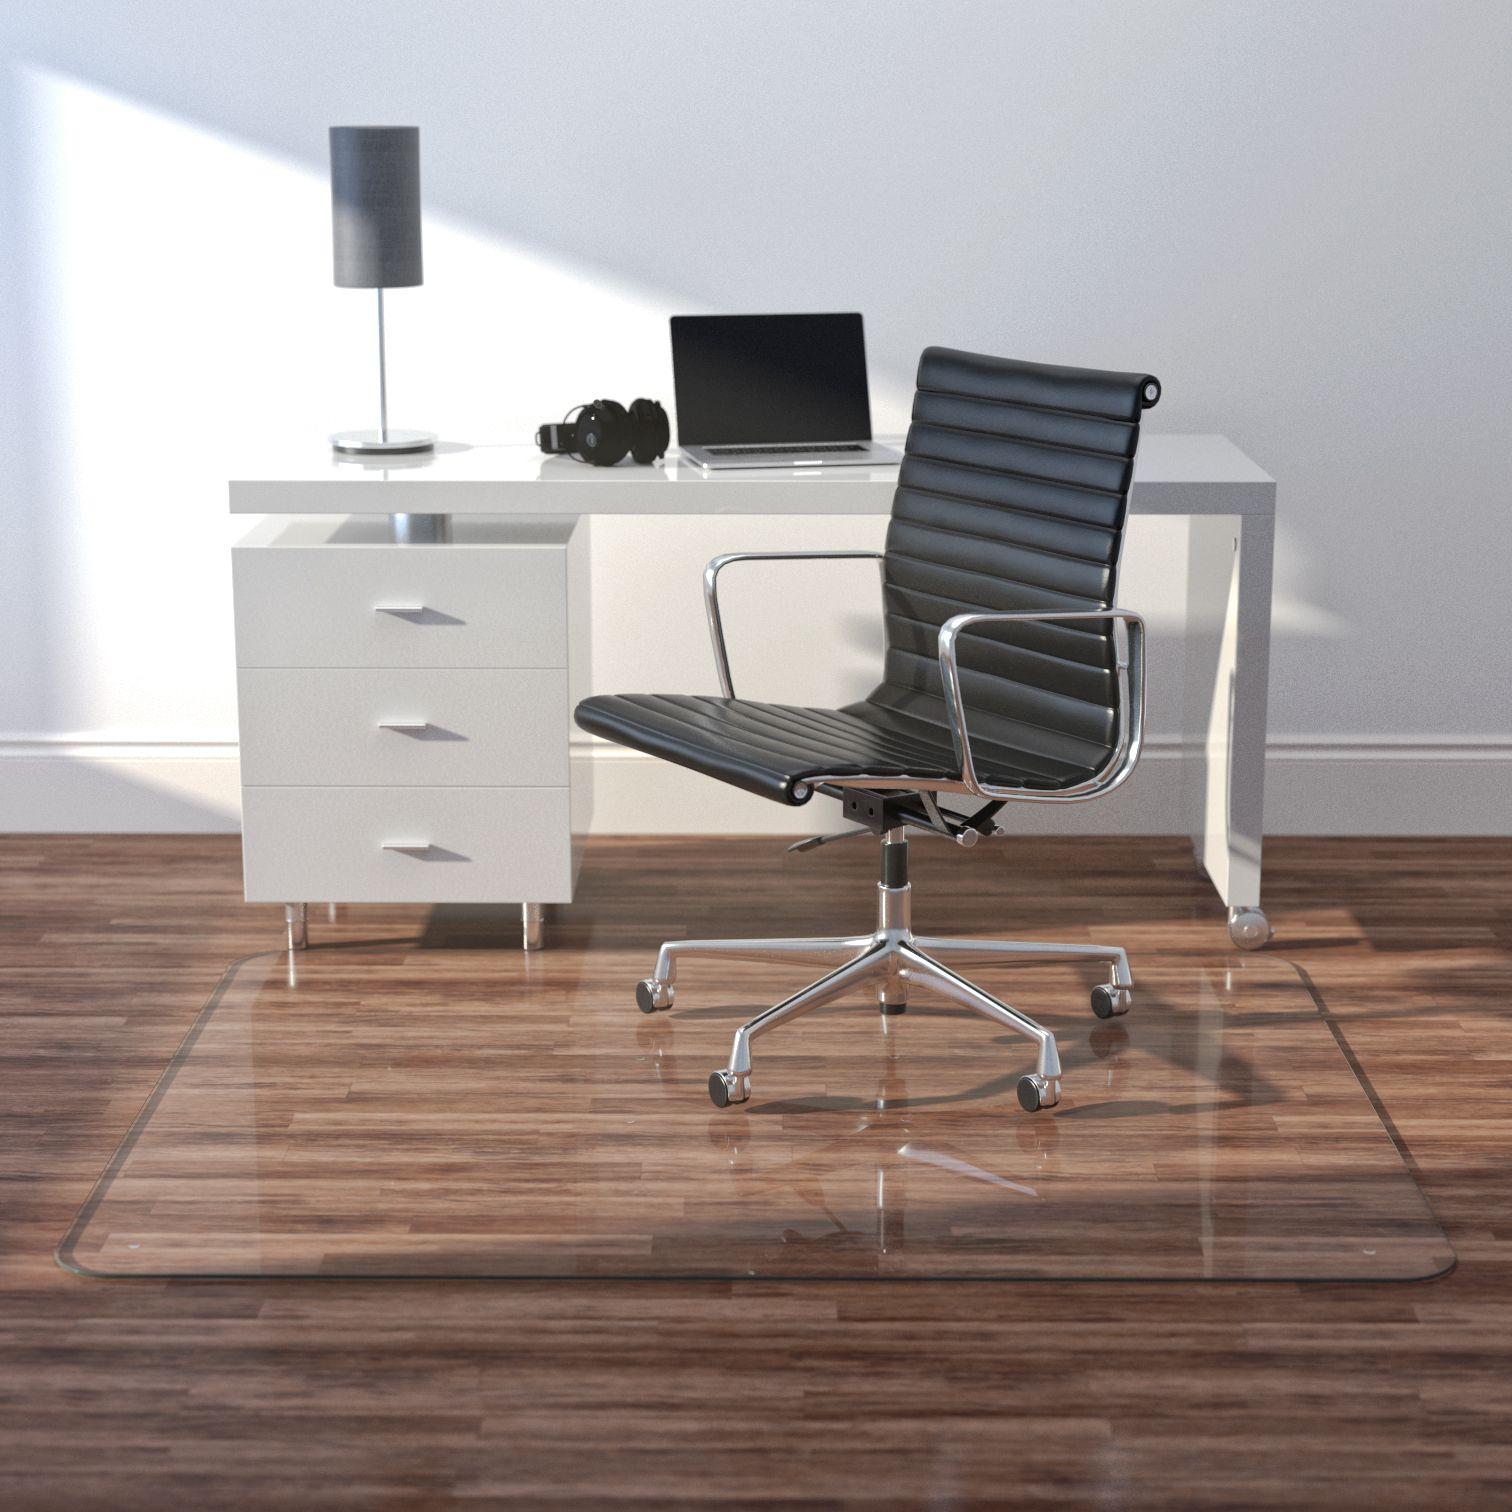 The Best Chair Mat For Hardwood Floor Glass Chair Chair Chair Mats